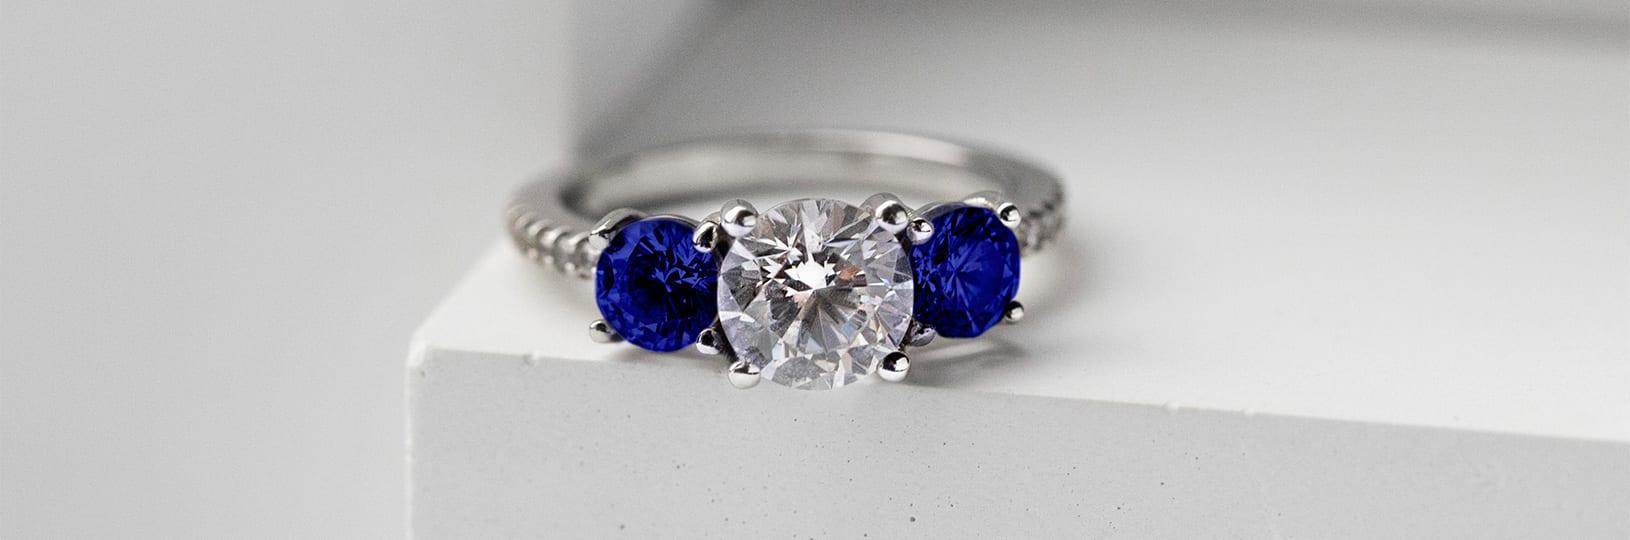 Three stone sapphire engagement ring.